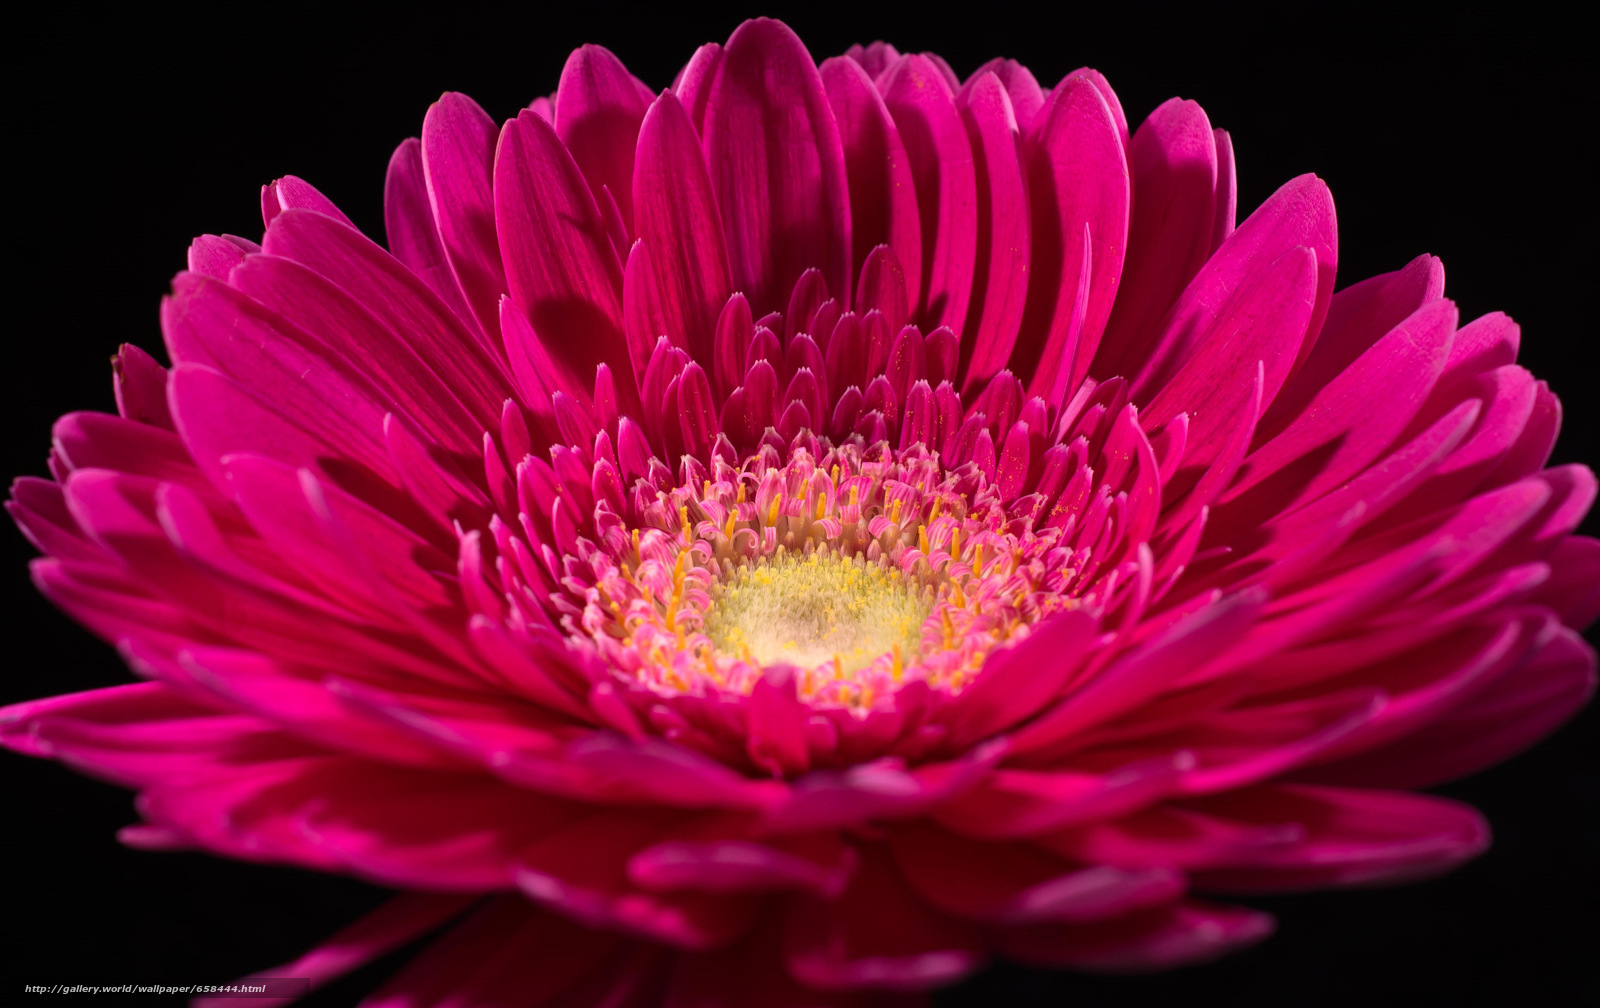 Скачать обои цветок,  цветы,  флора бесплатно для рабочего стола в разрешении 6000x3781 — картинка №658444